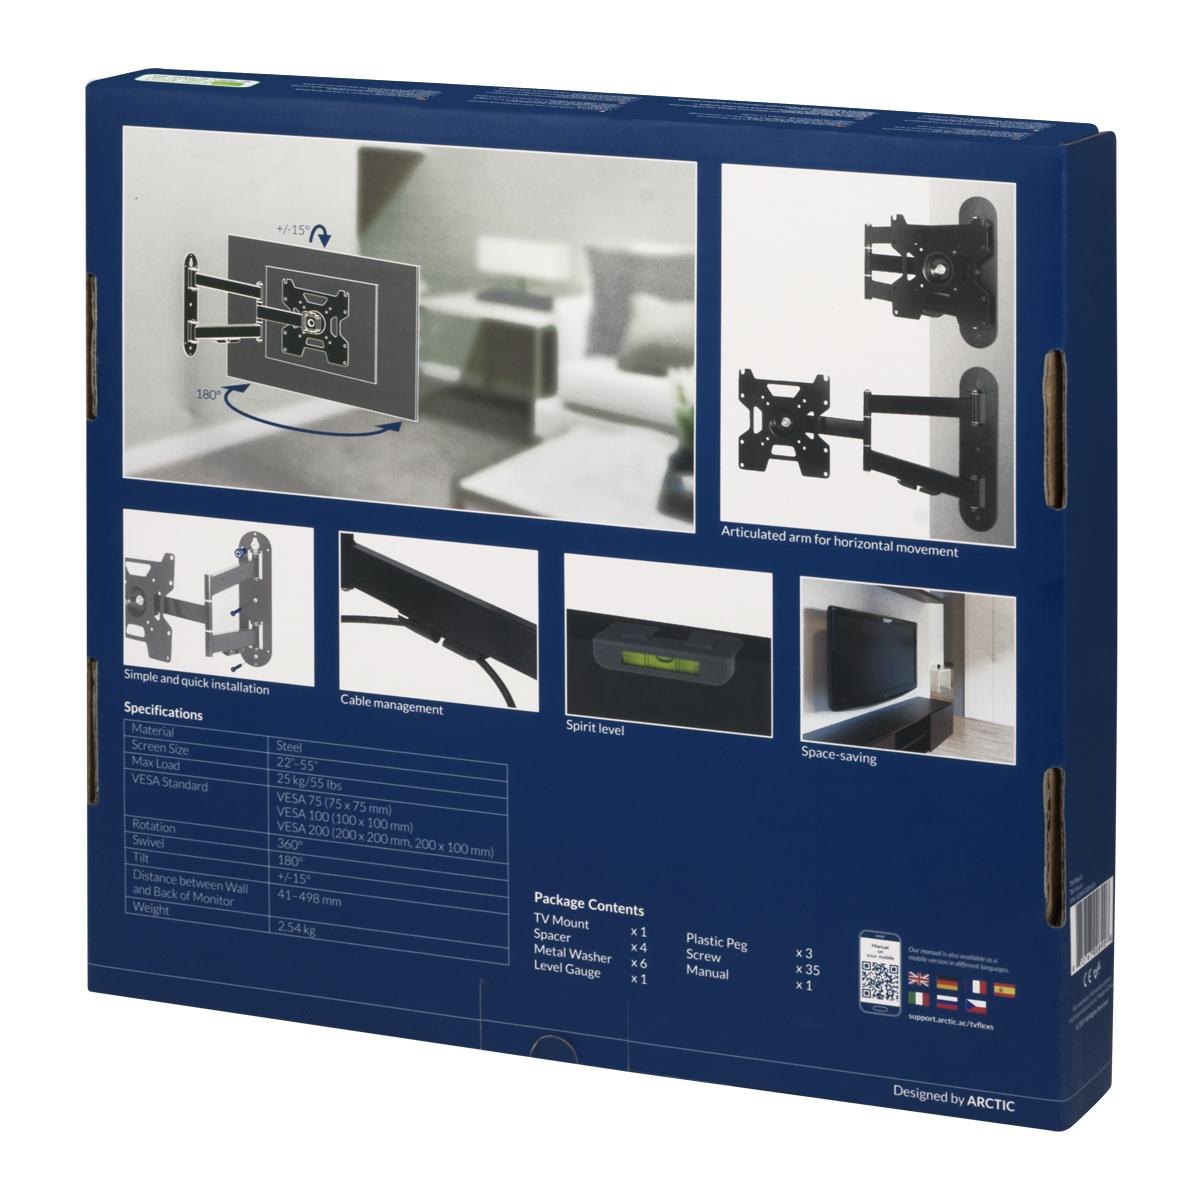 Vollbewegliche TV-Wandhalterung ARCTIC TV Flex S Produktverpackung Rückansicht